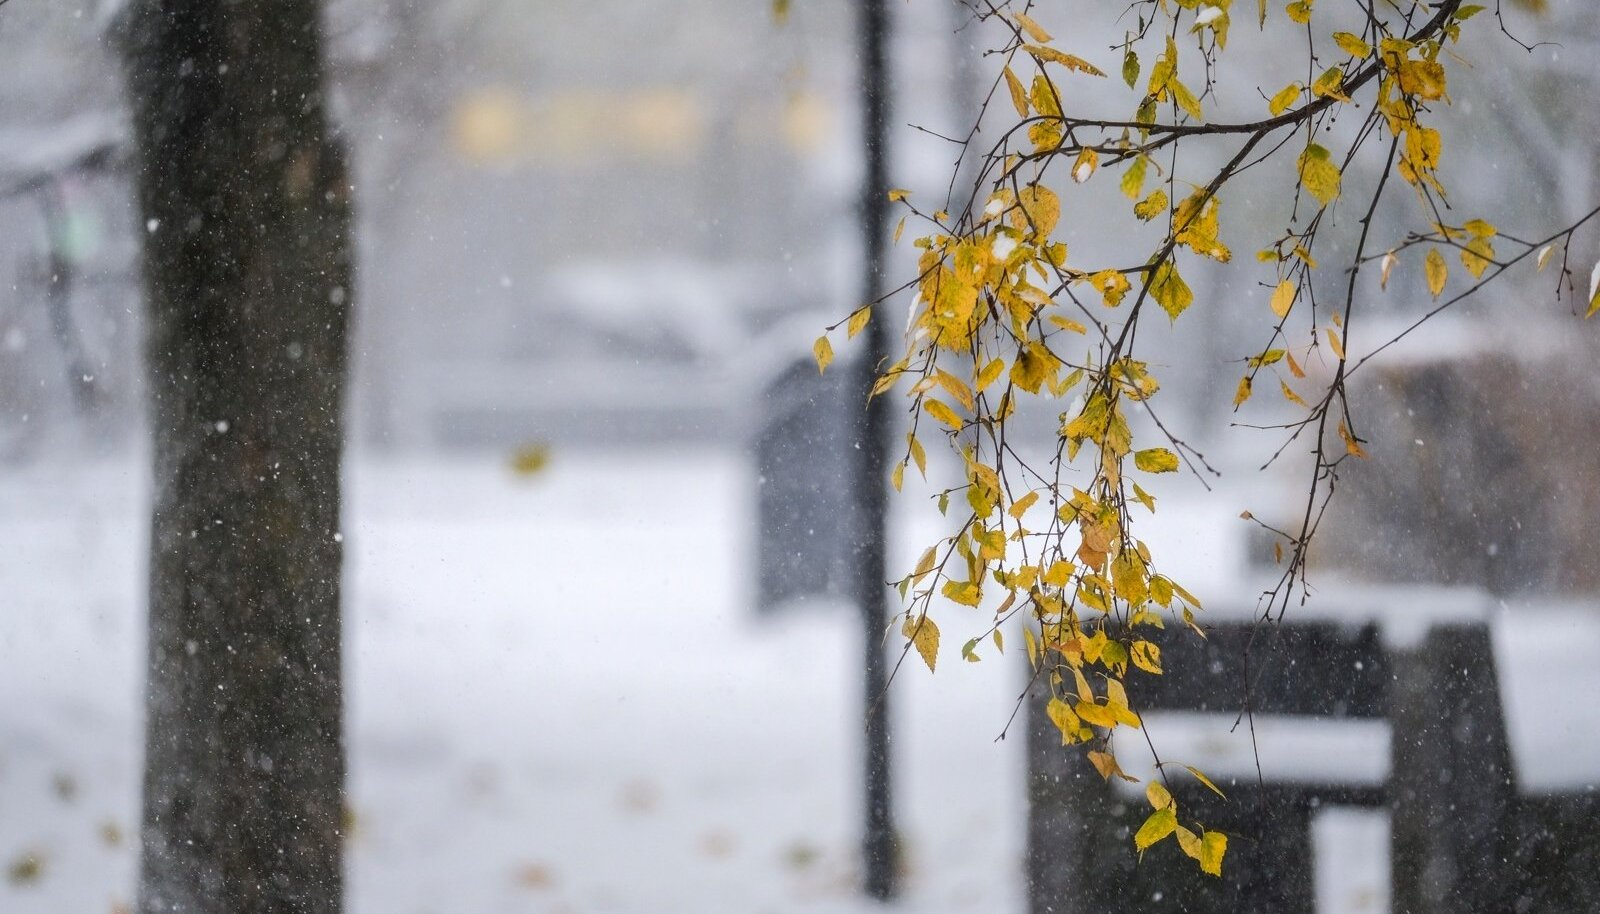 Esimene lumi võib Ida-Eestisse saabuda juba neljapäeval. Lumekruupe võib aga mujal eestis näha juba homsest.